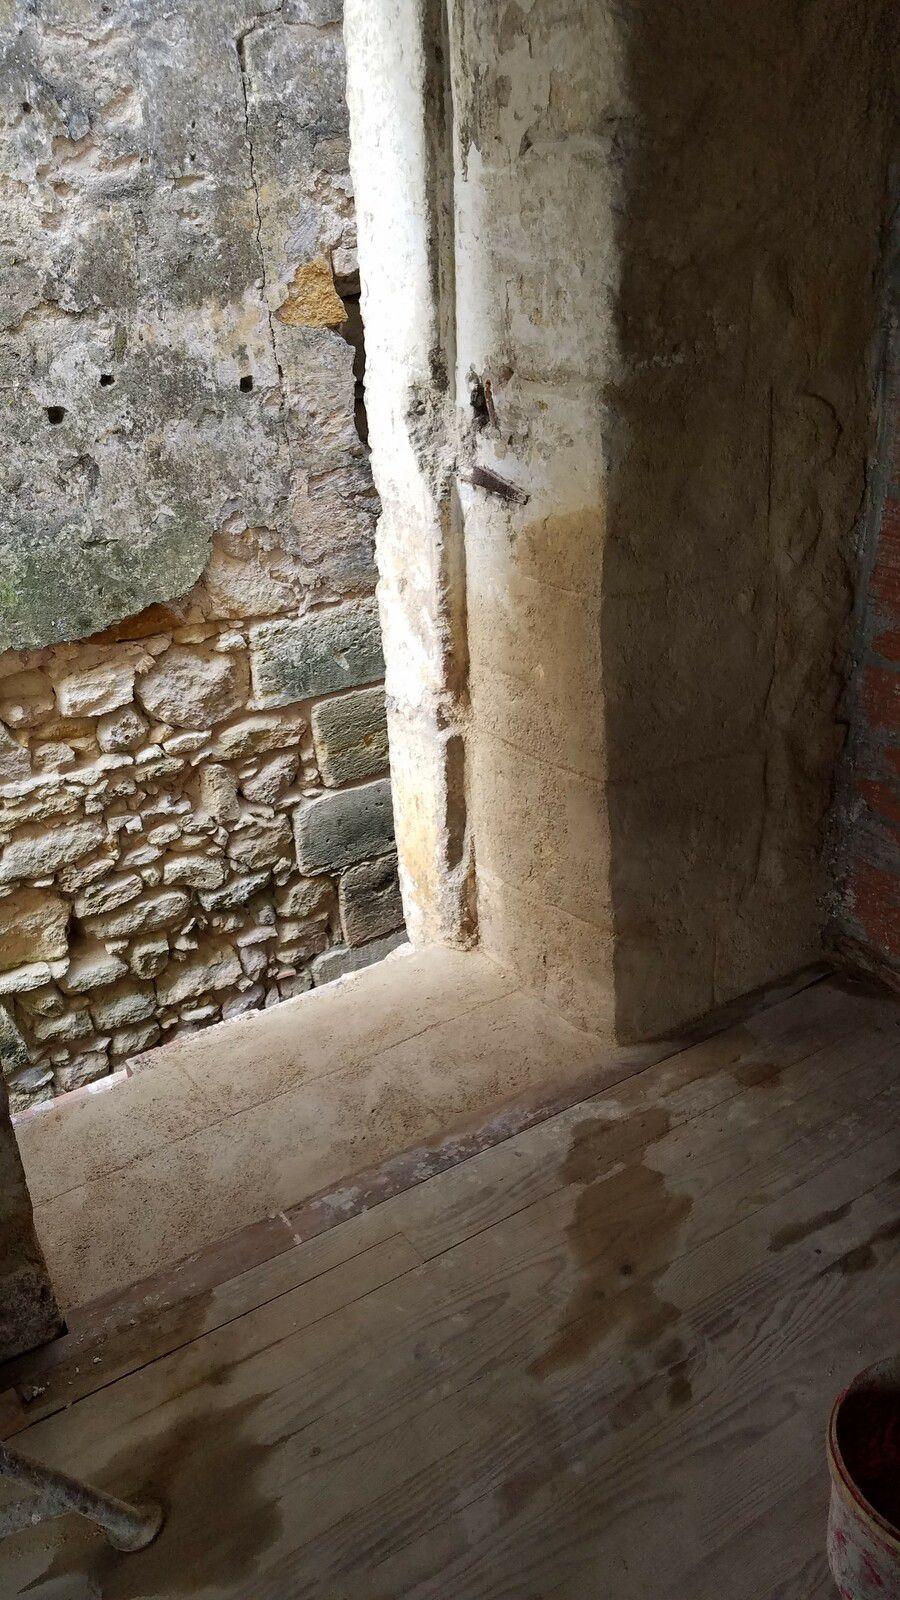 c'est bon pour l'autre côté et le pas de porte rehaussé avec des briques et chaux en finition, il me faut faire l'encadrement et l'extérieur car très dégradé